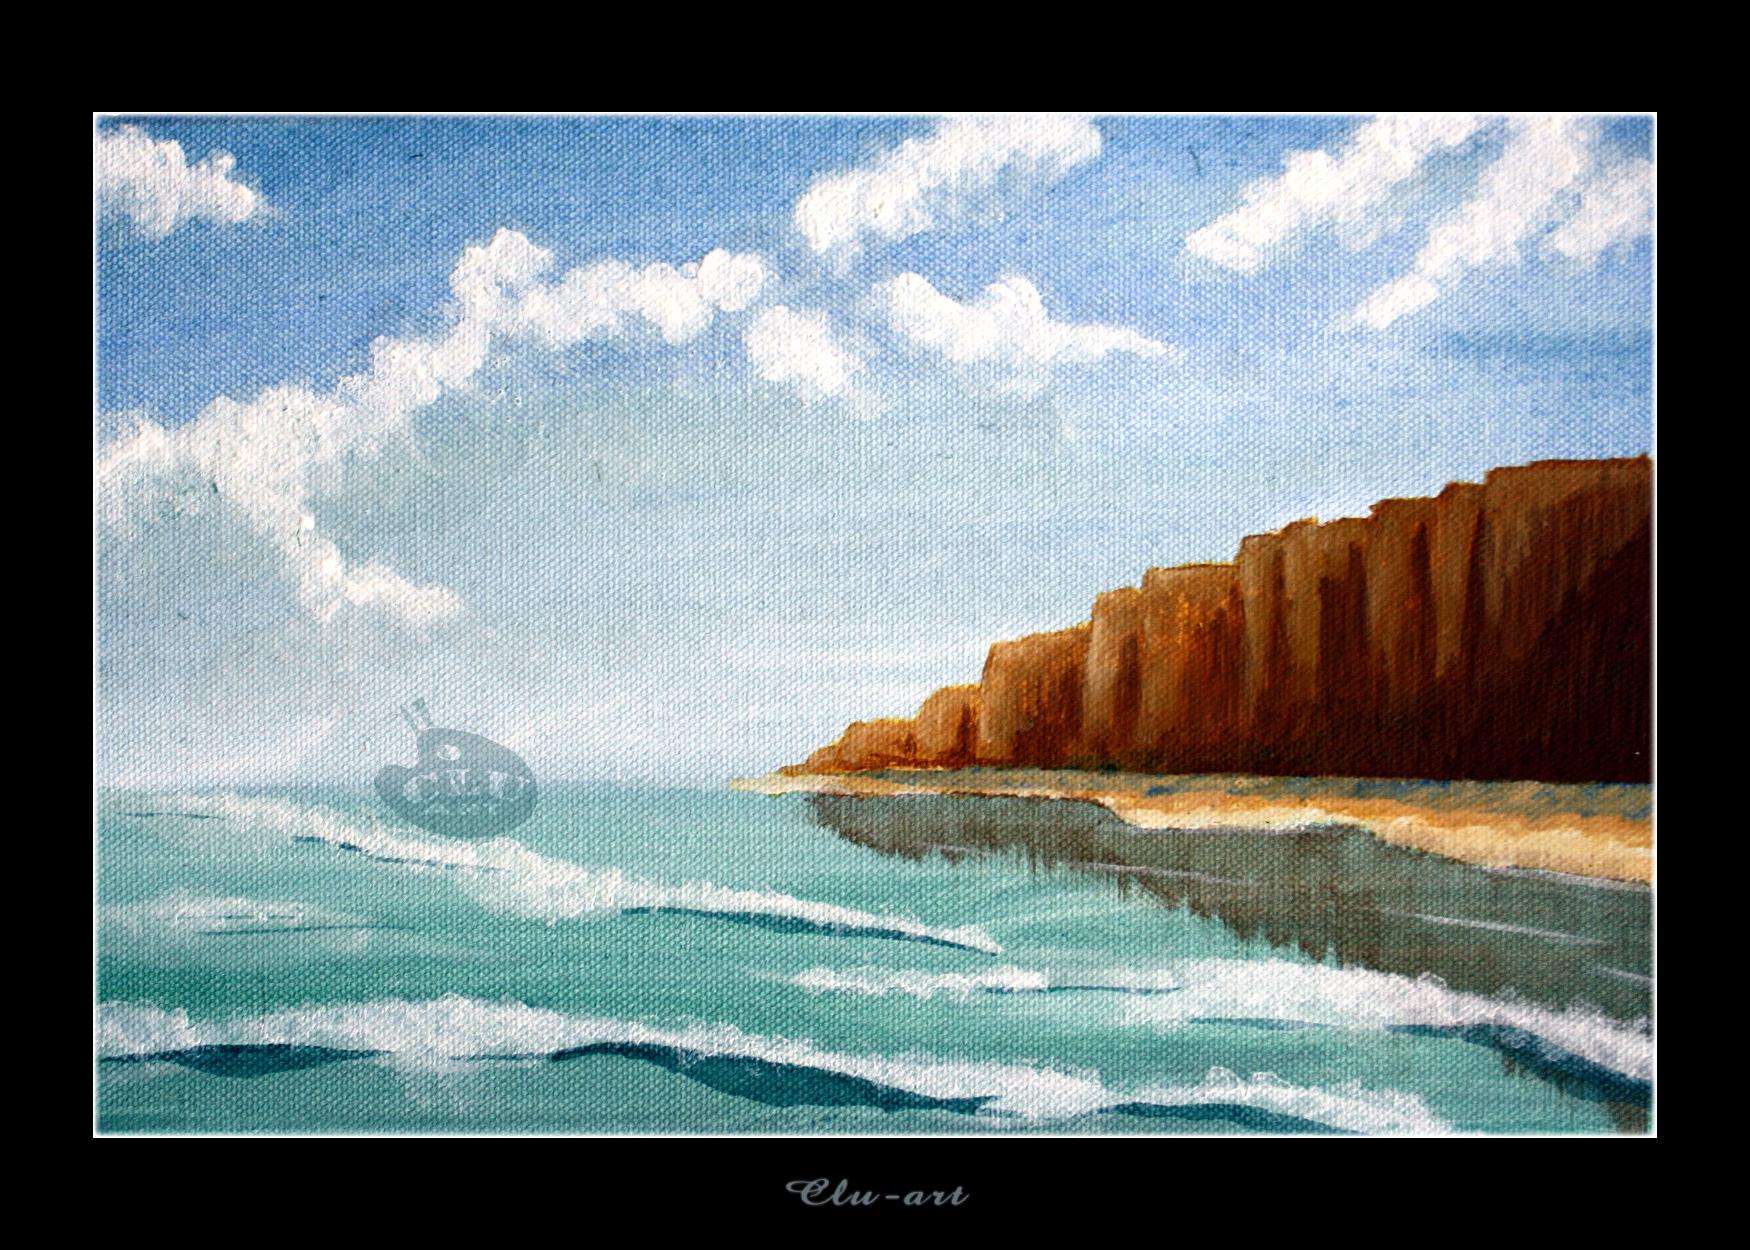 A Cliff by Clu-art